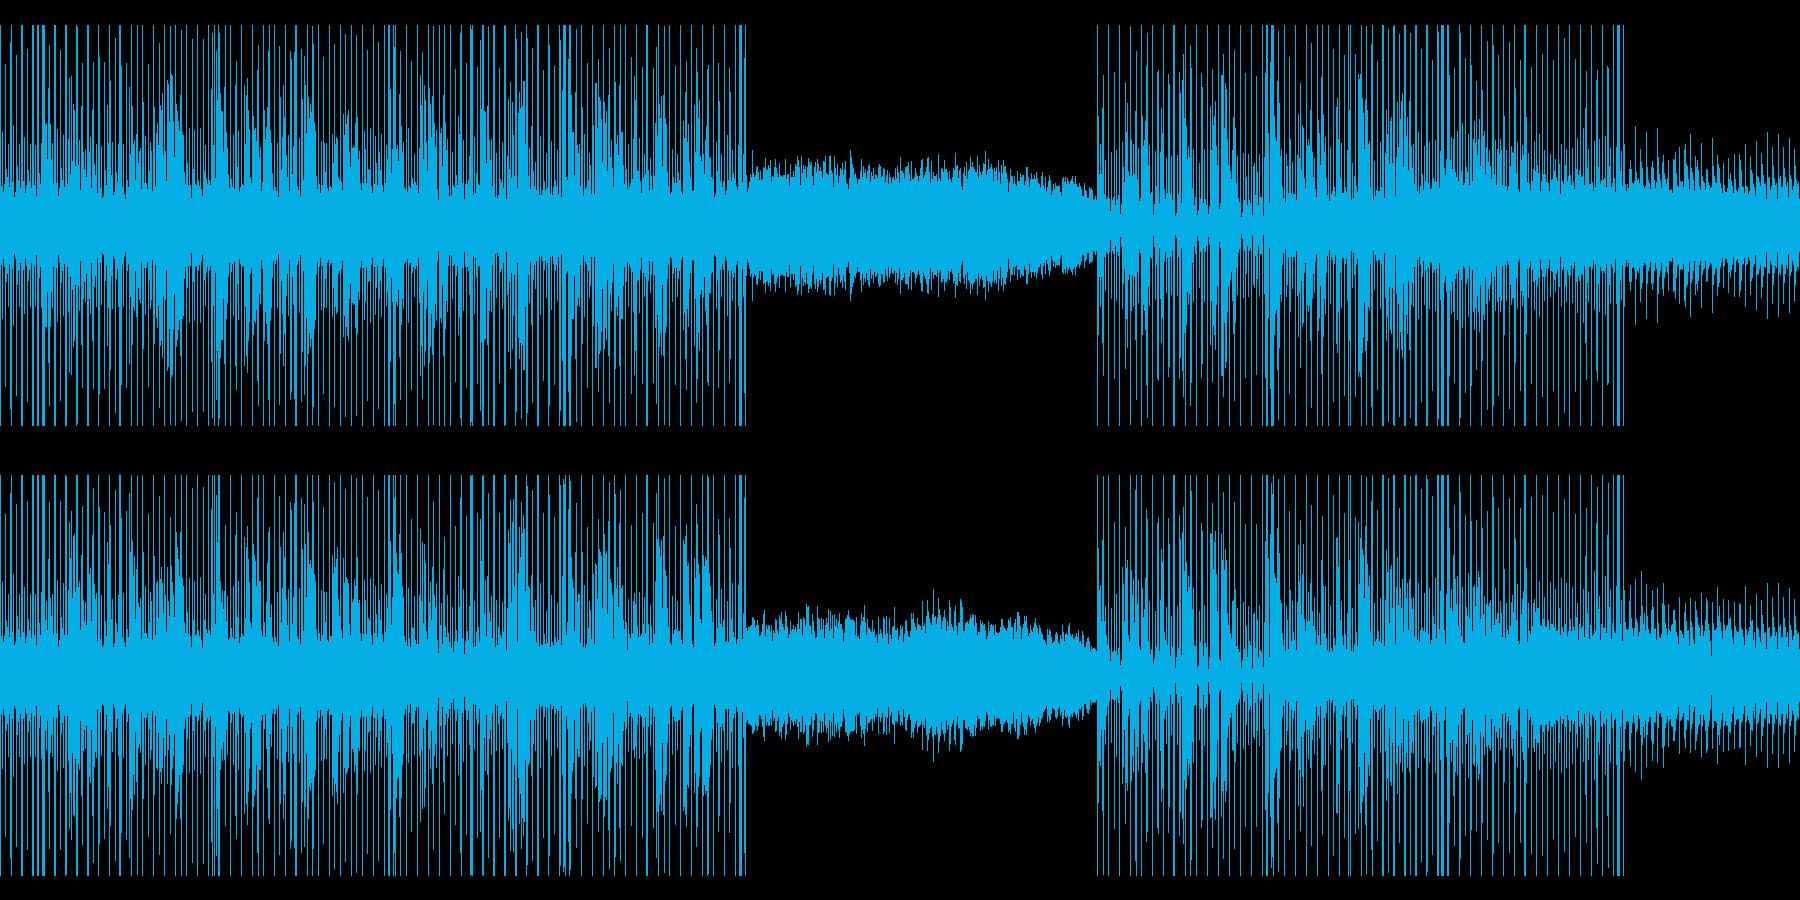 カリンバとシンセのビートの再生済みの波形